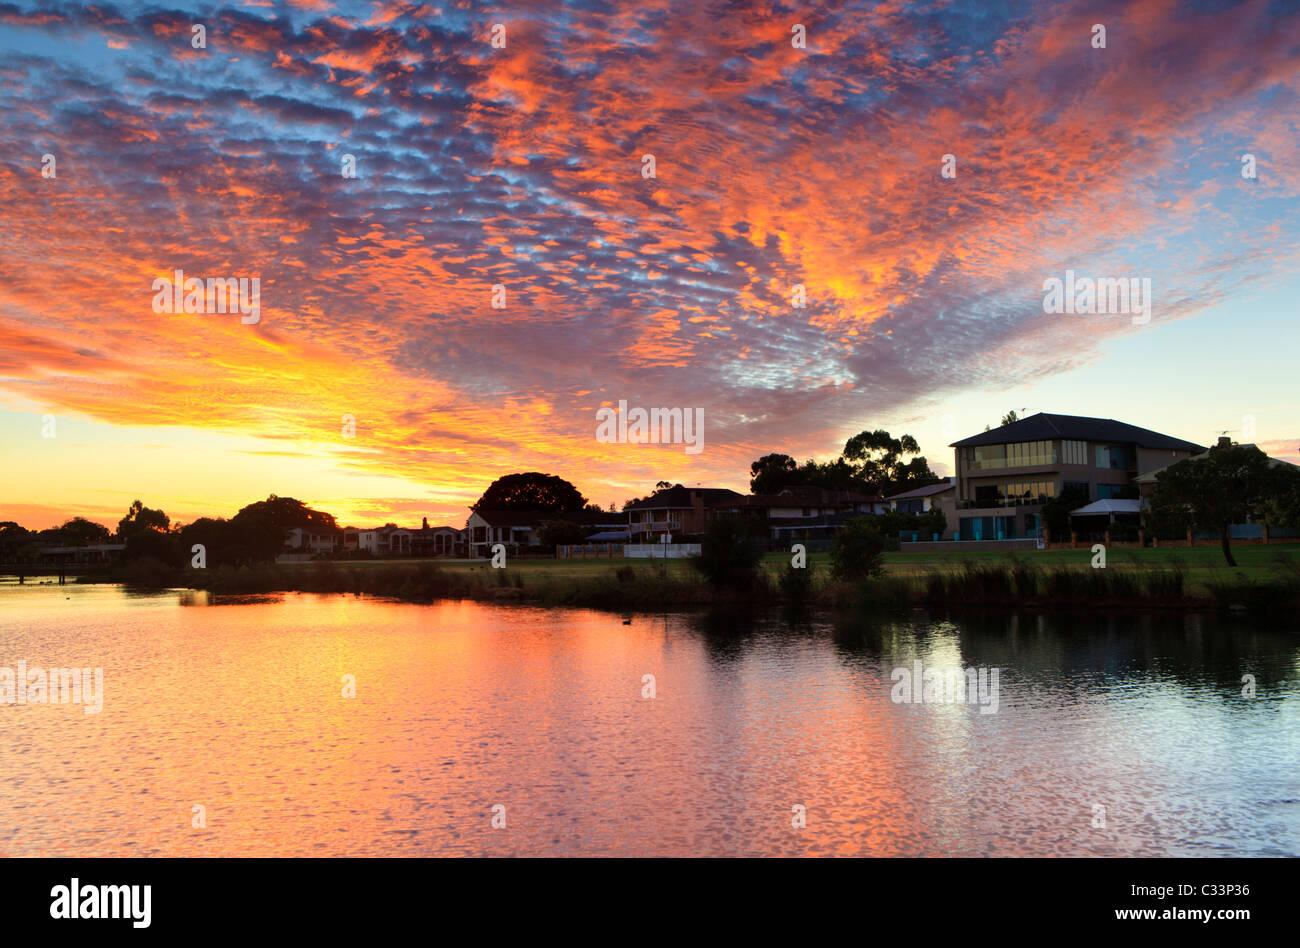 Les grandes maisons au bord du lac au coucher du soleil dans les pays riches au sud de Perth, Australie occidentale. Photo Stock